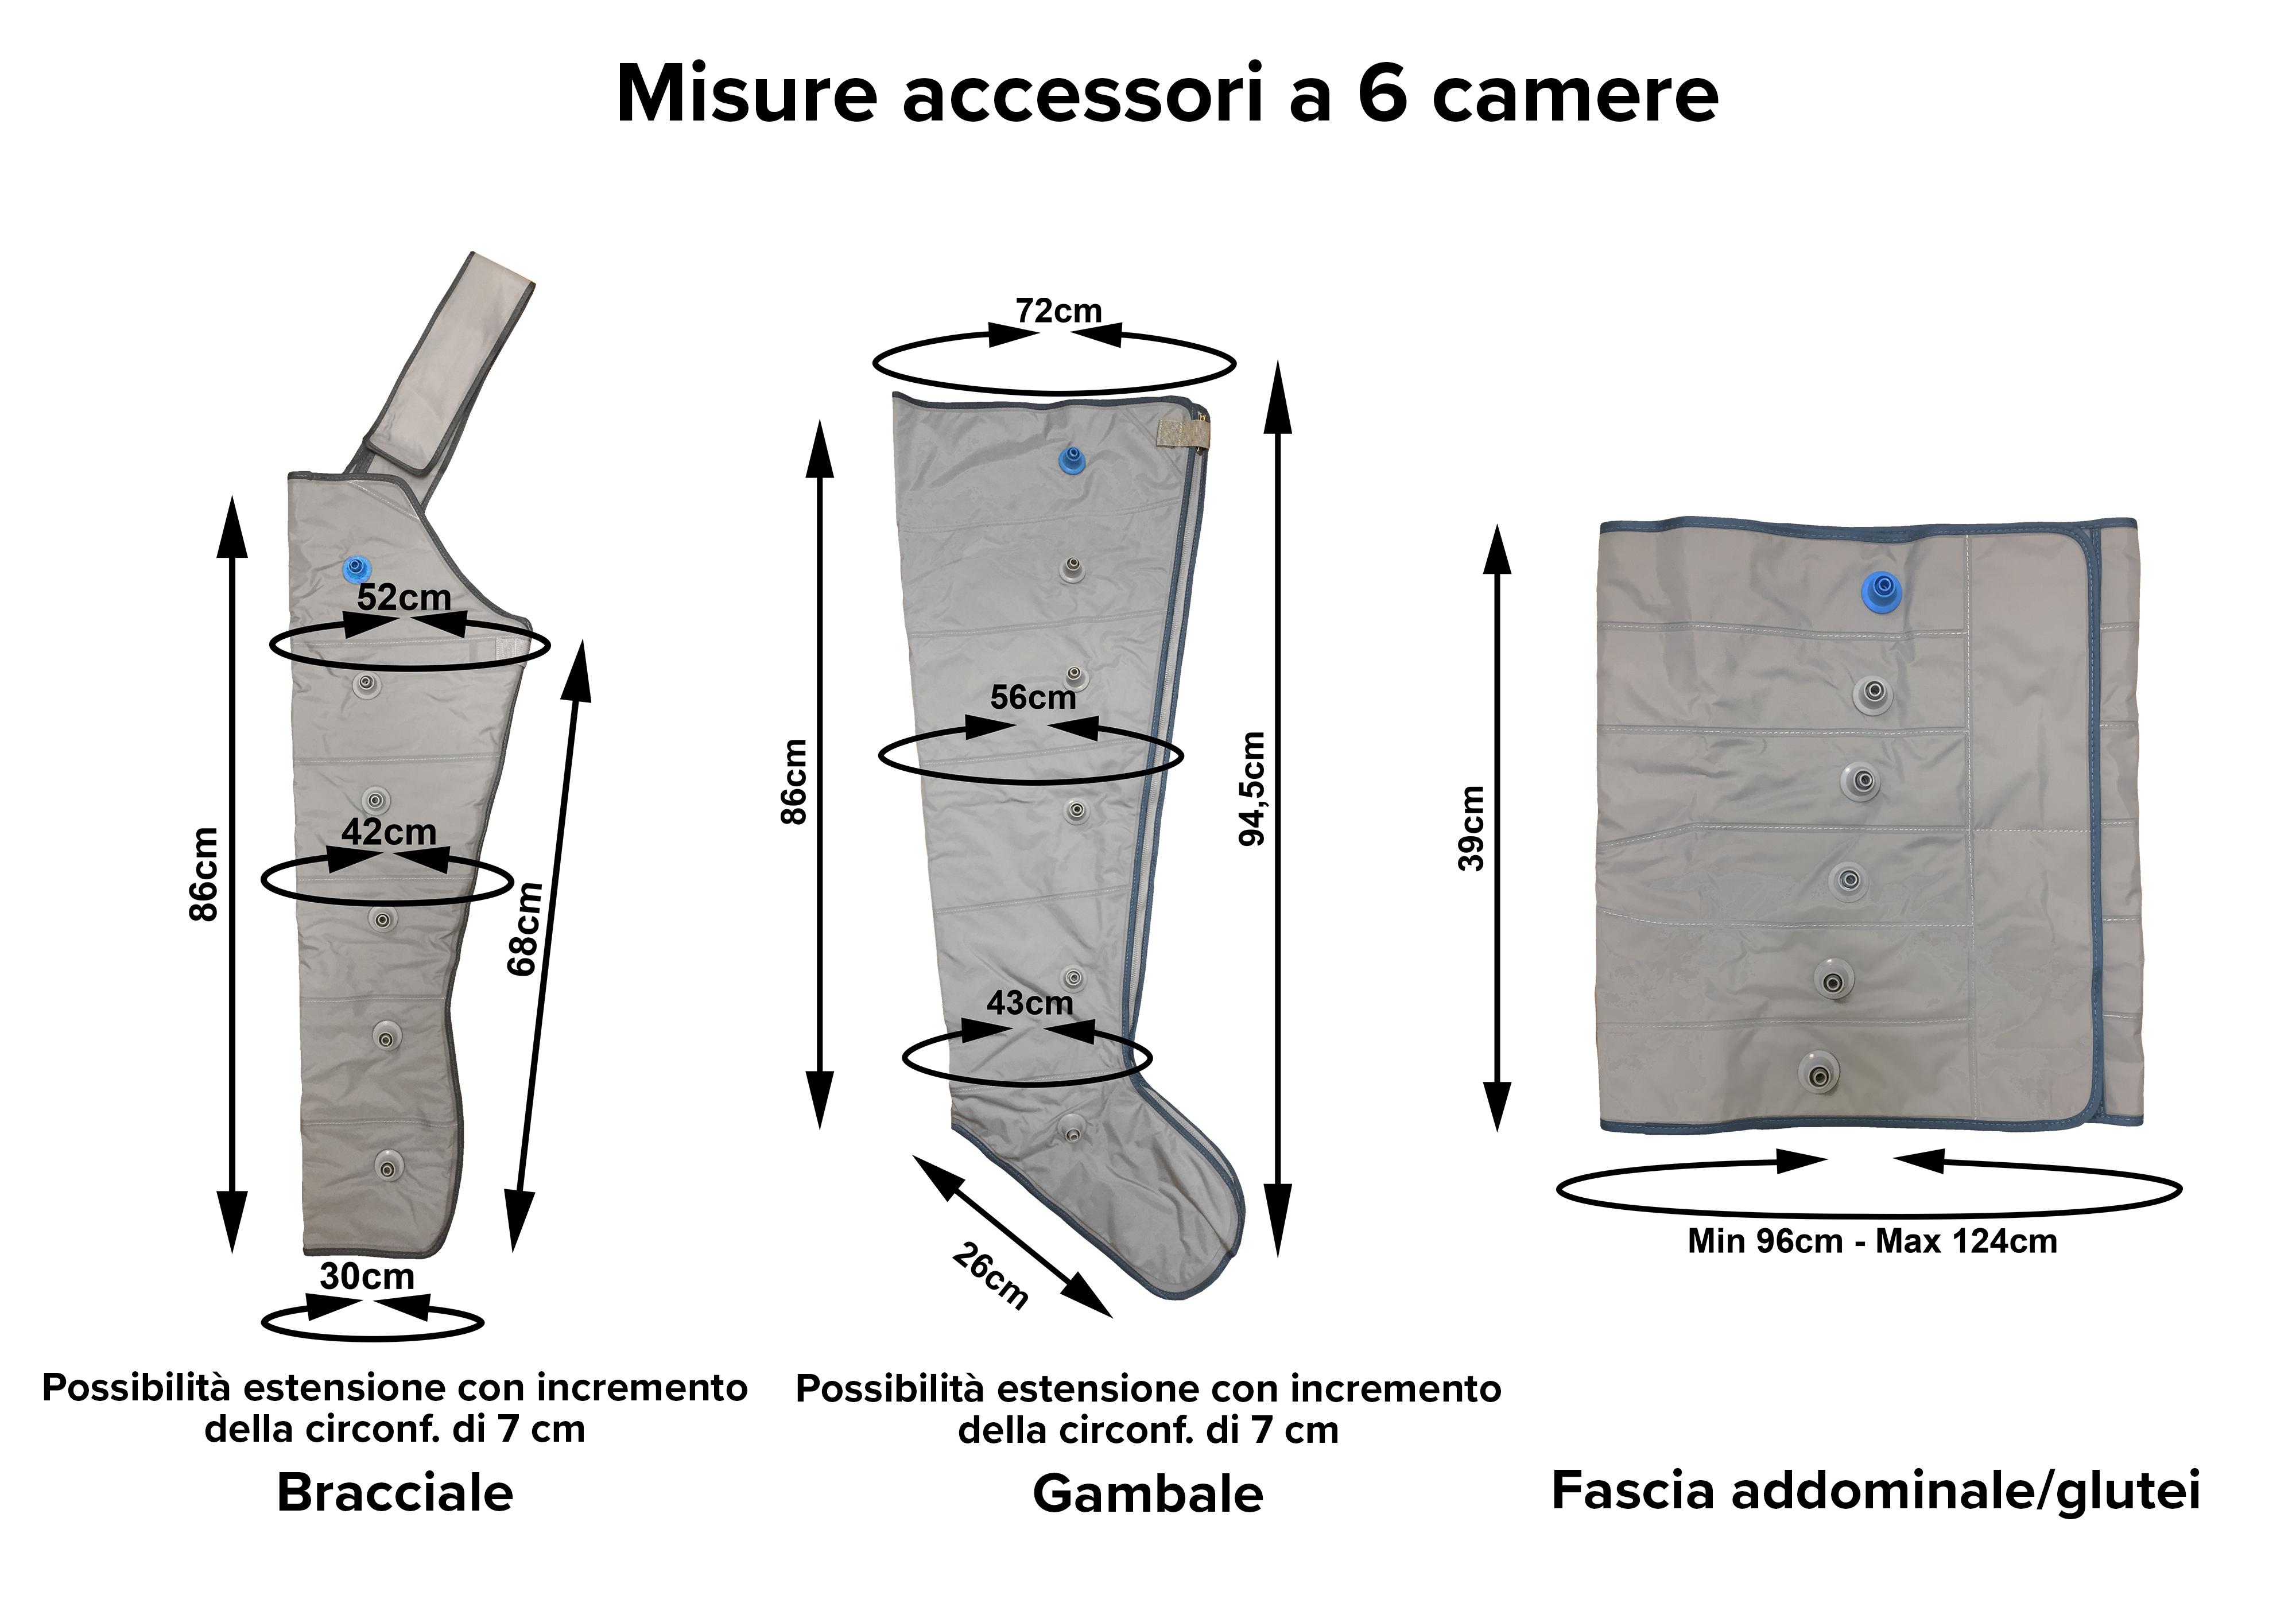 Misure accessori a 6 camere per pressoterapia Mesis